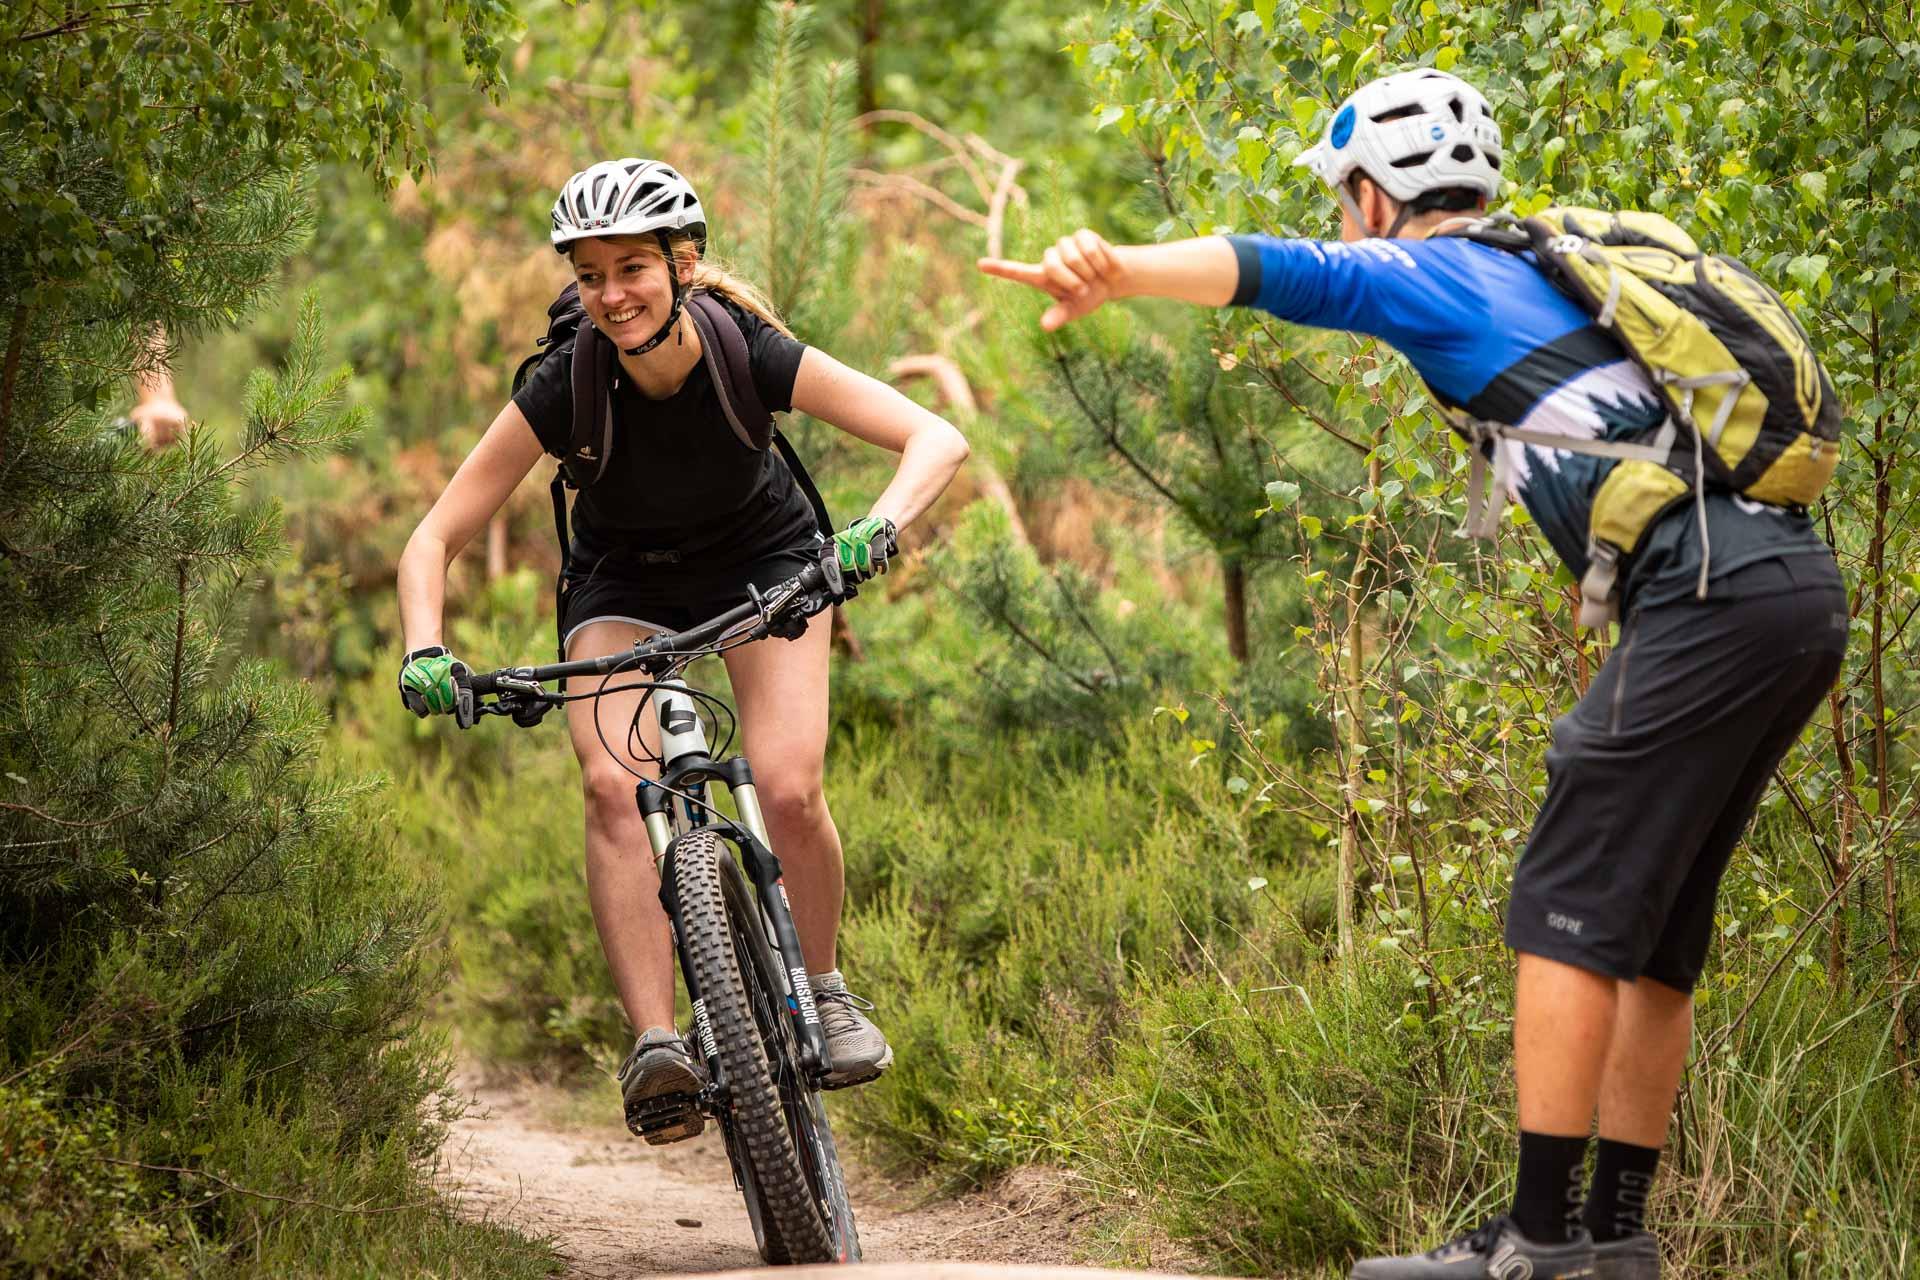 MTB Fahrtechnik Kurs für Einsteiger in Witten - Ruhrgebiet - Mountainbike Basic Ruhrgebit Trail Anfänger - Rock my Trail Bikeschule GmbH - 12